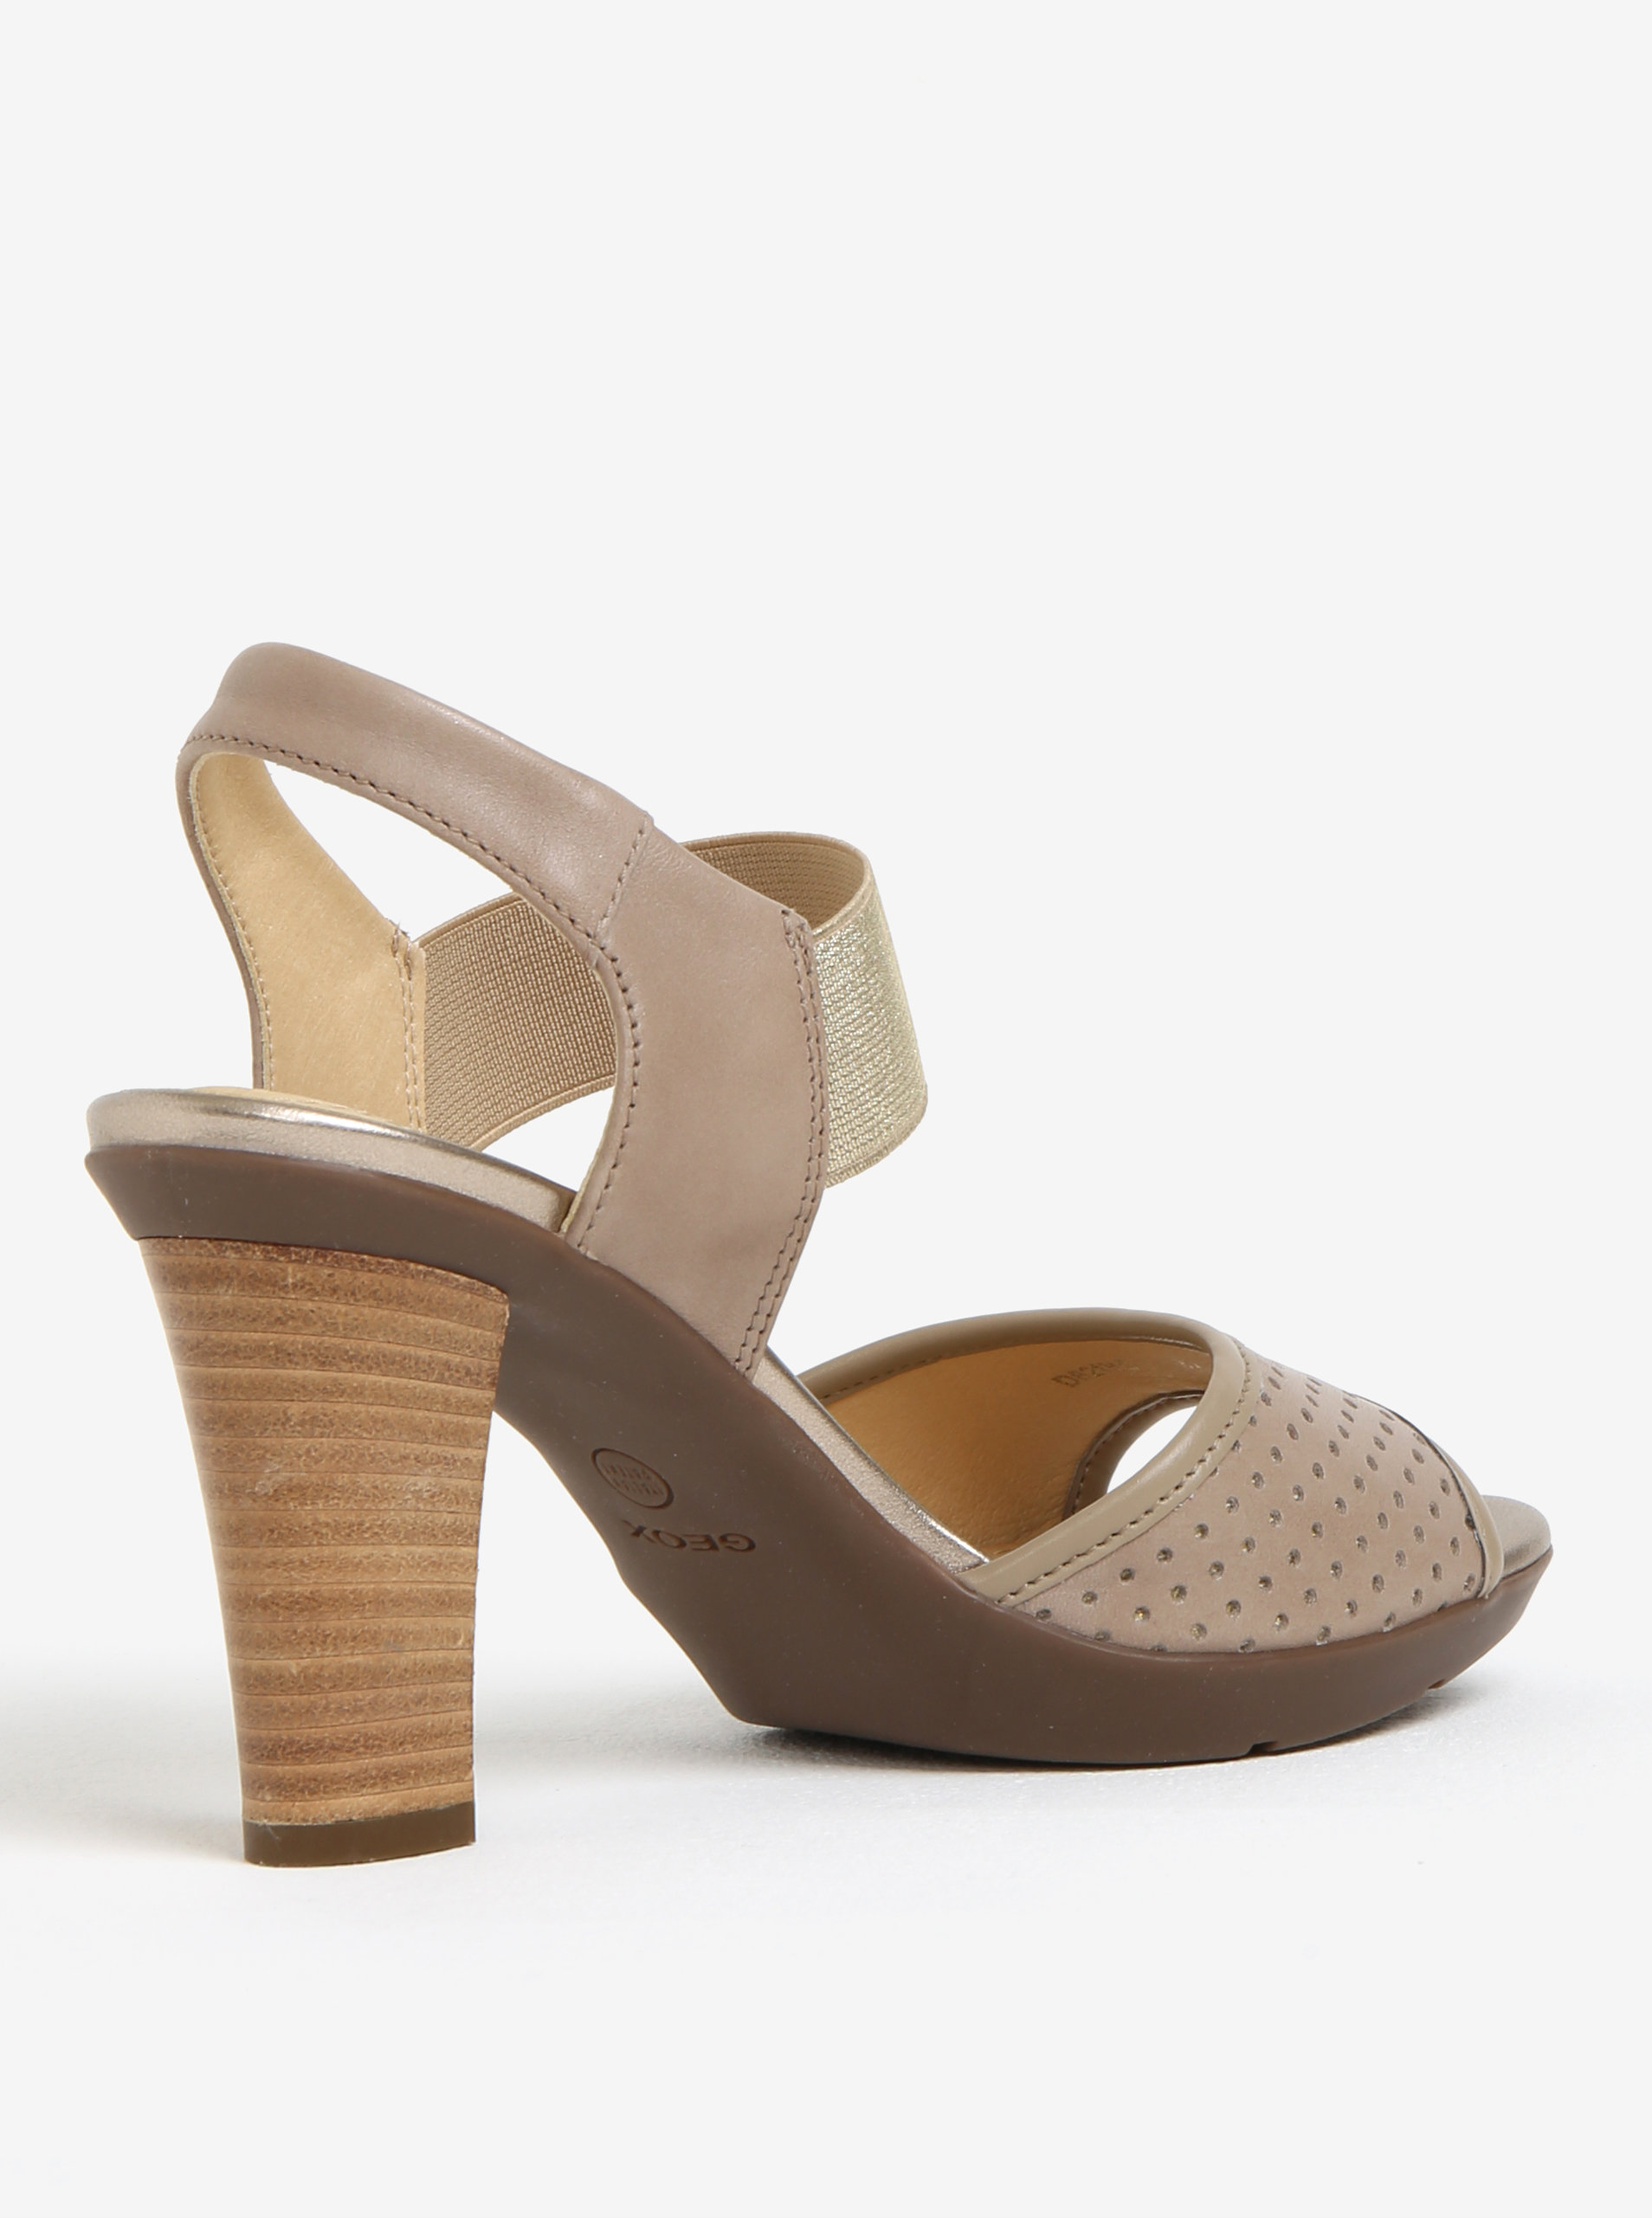 26496f81542e Béžové dámske kožené sandále na podpätku Geox Jadalis ...